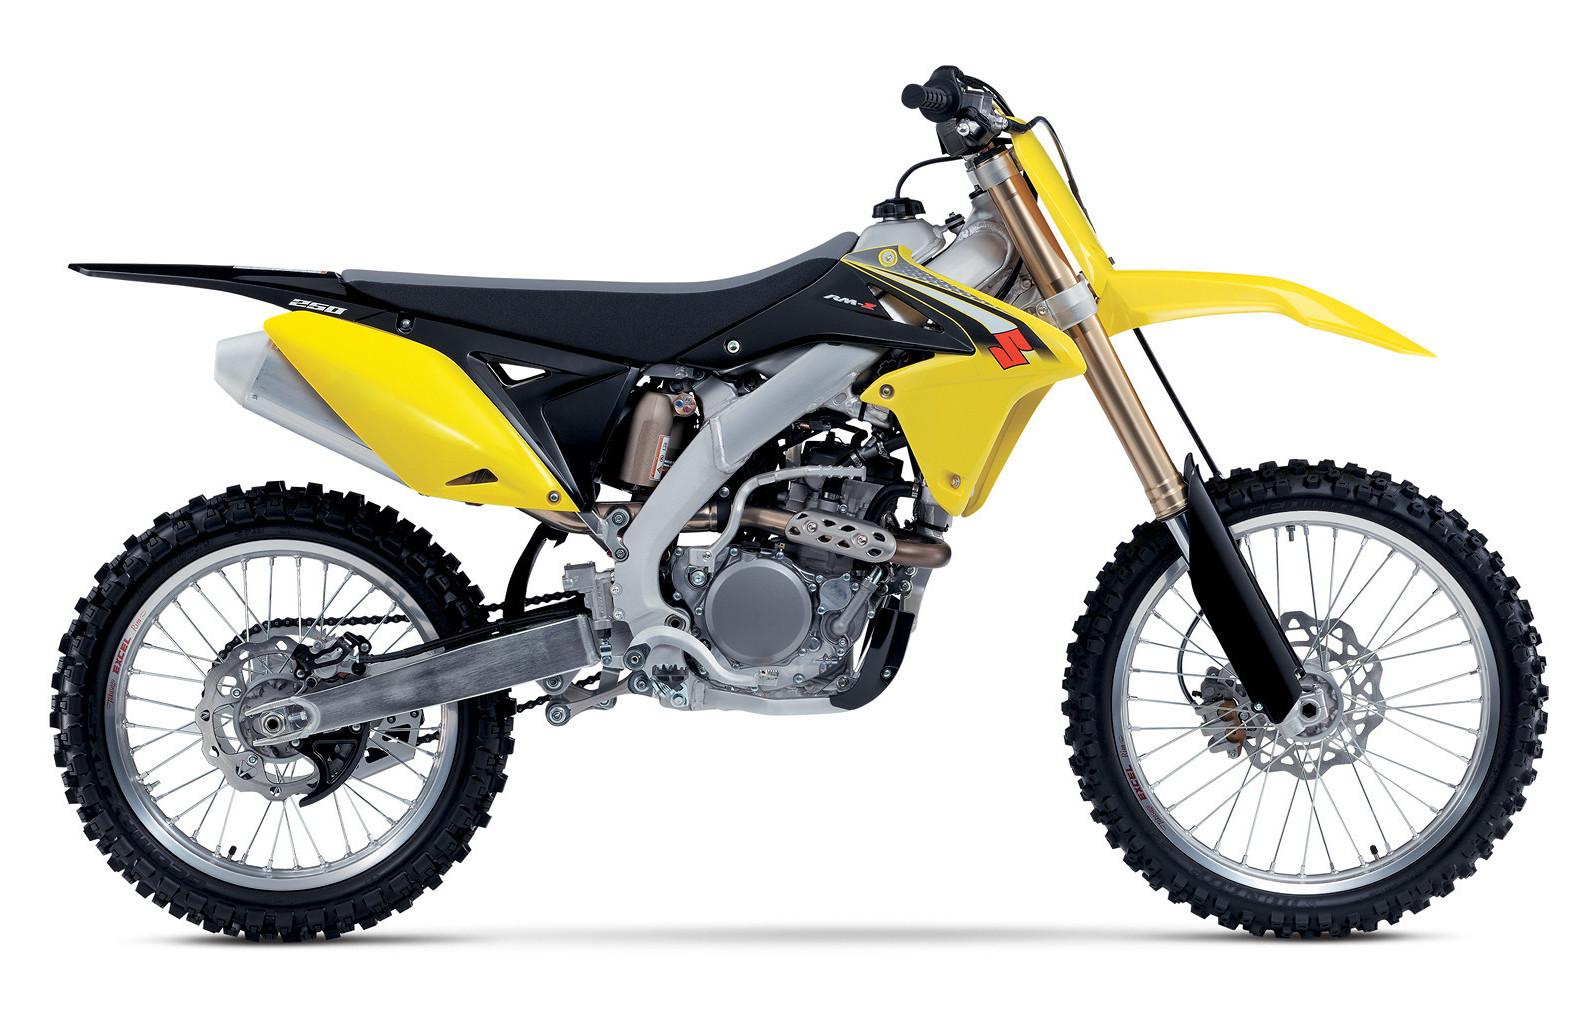 2016 Suzuki RM-Z250  2016 Suzuki RM-Z250